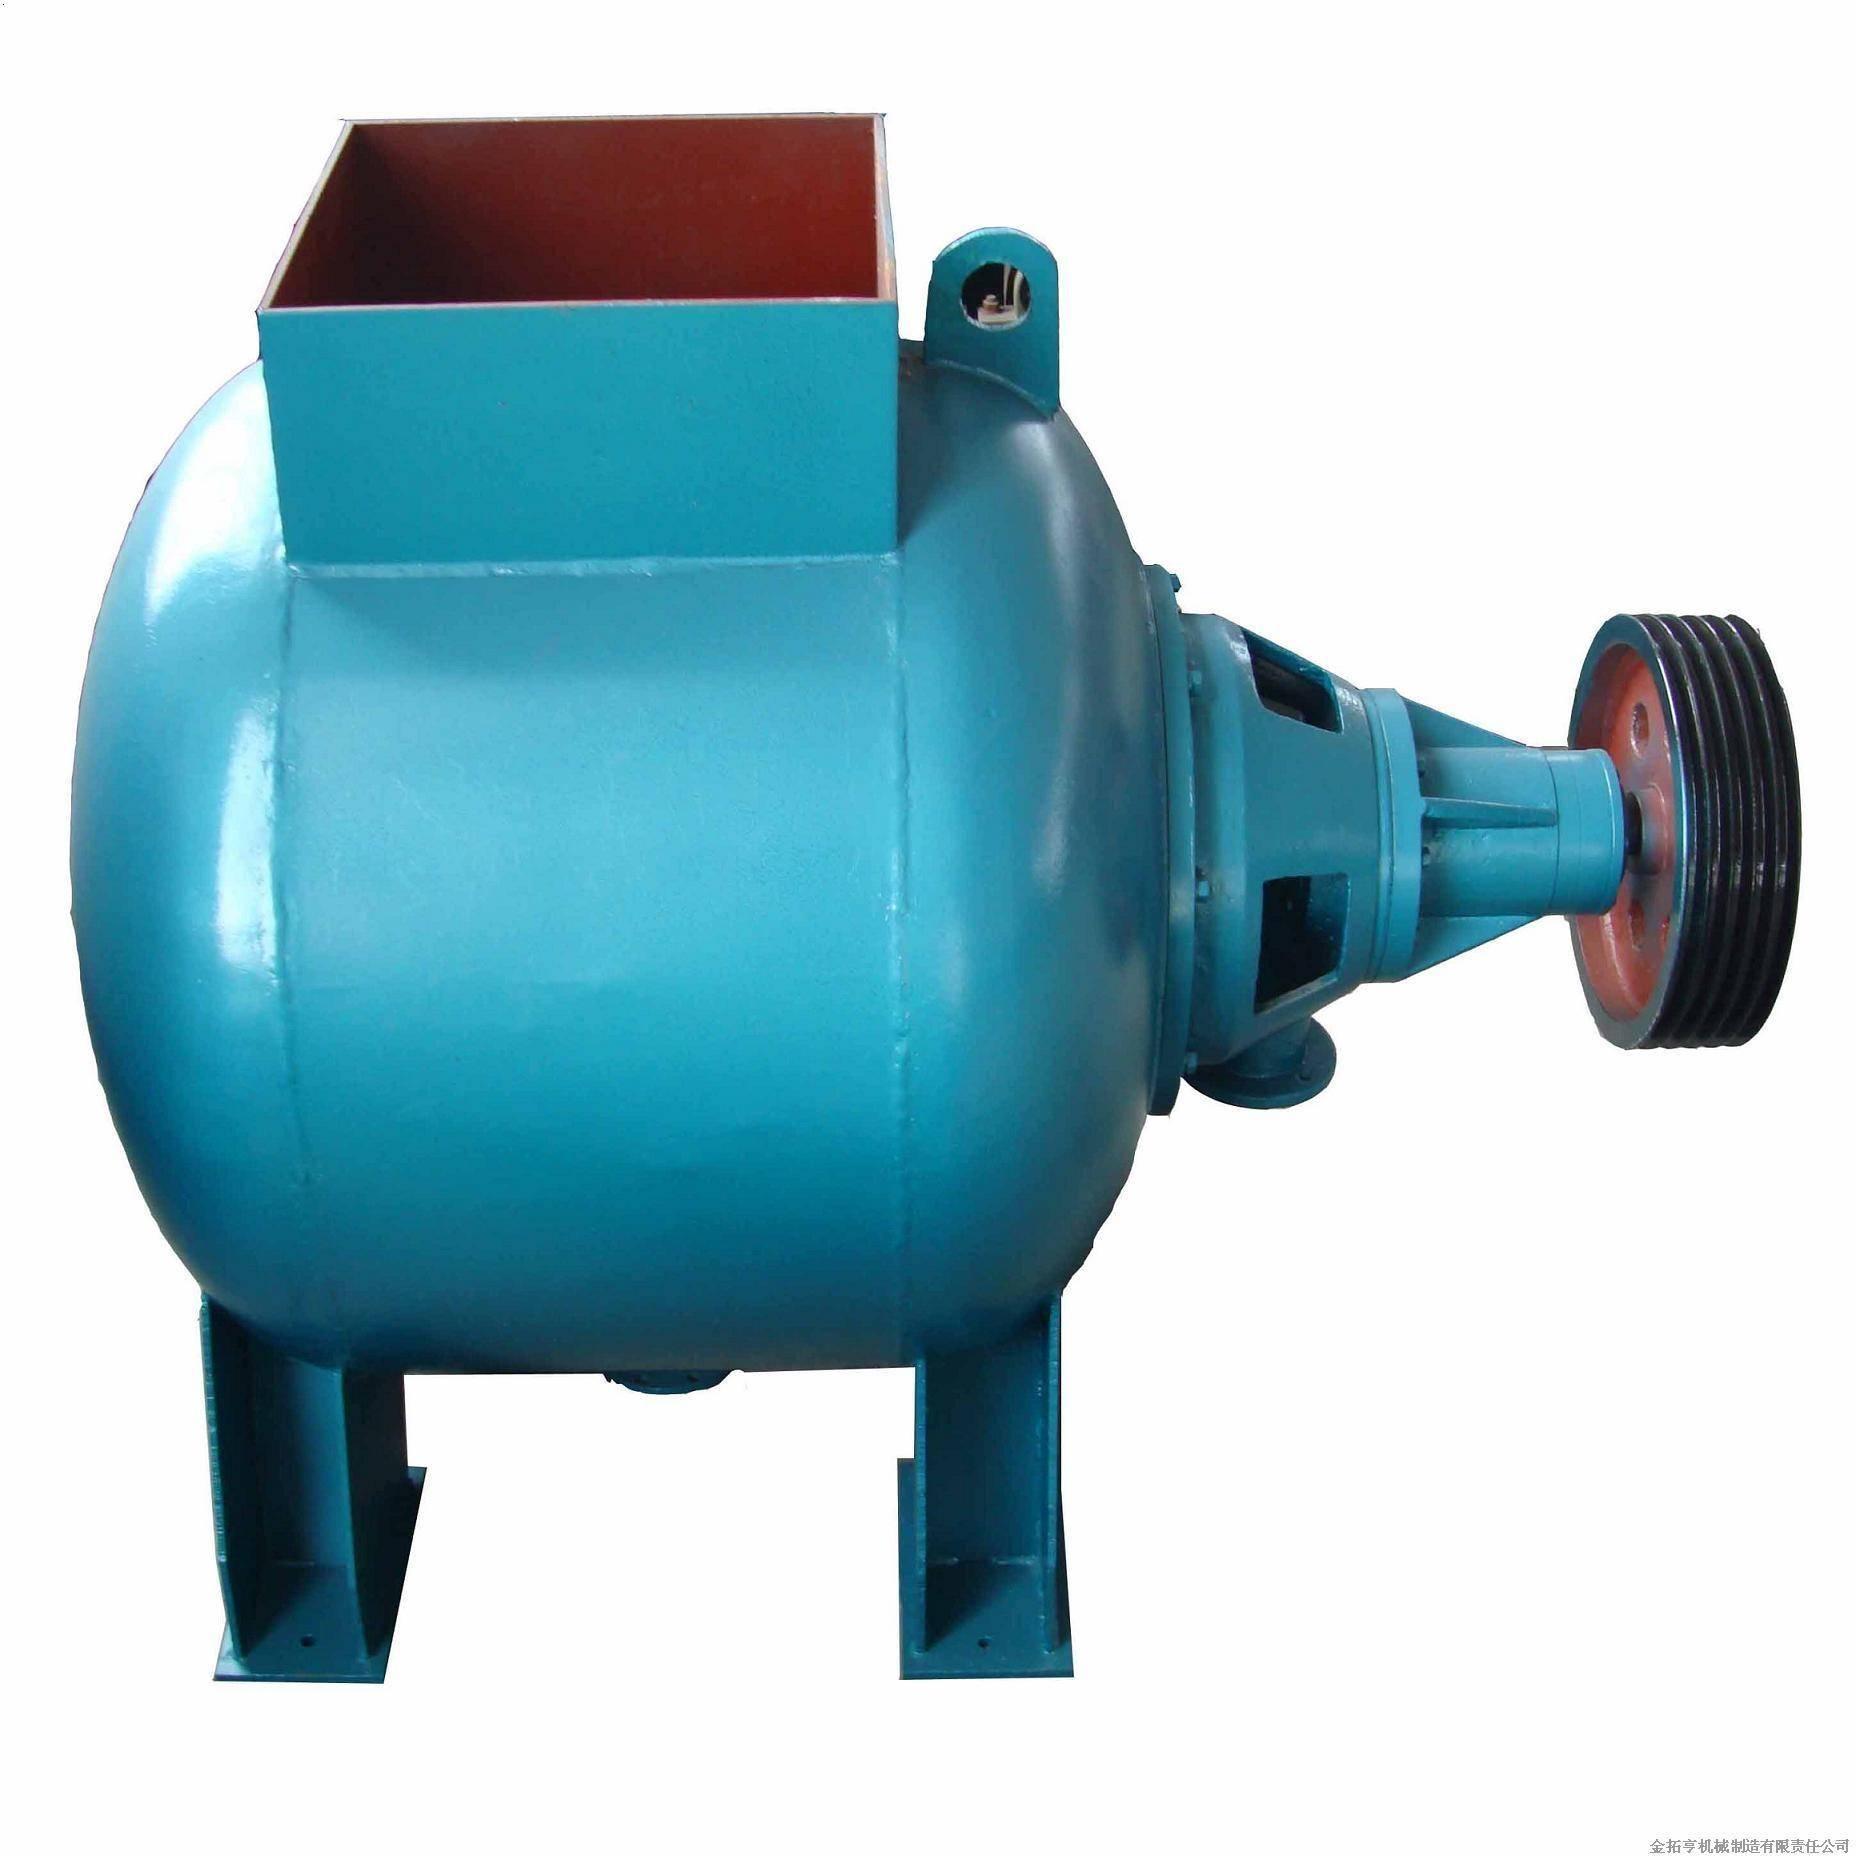 Hydrapulper paper pulp making machine